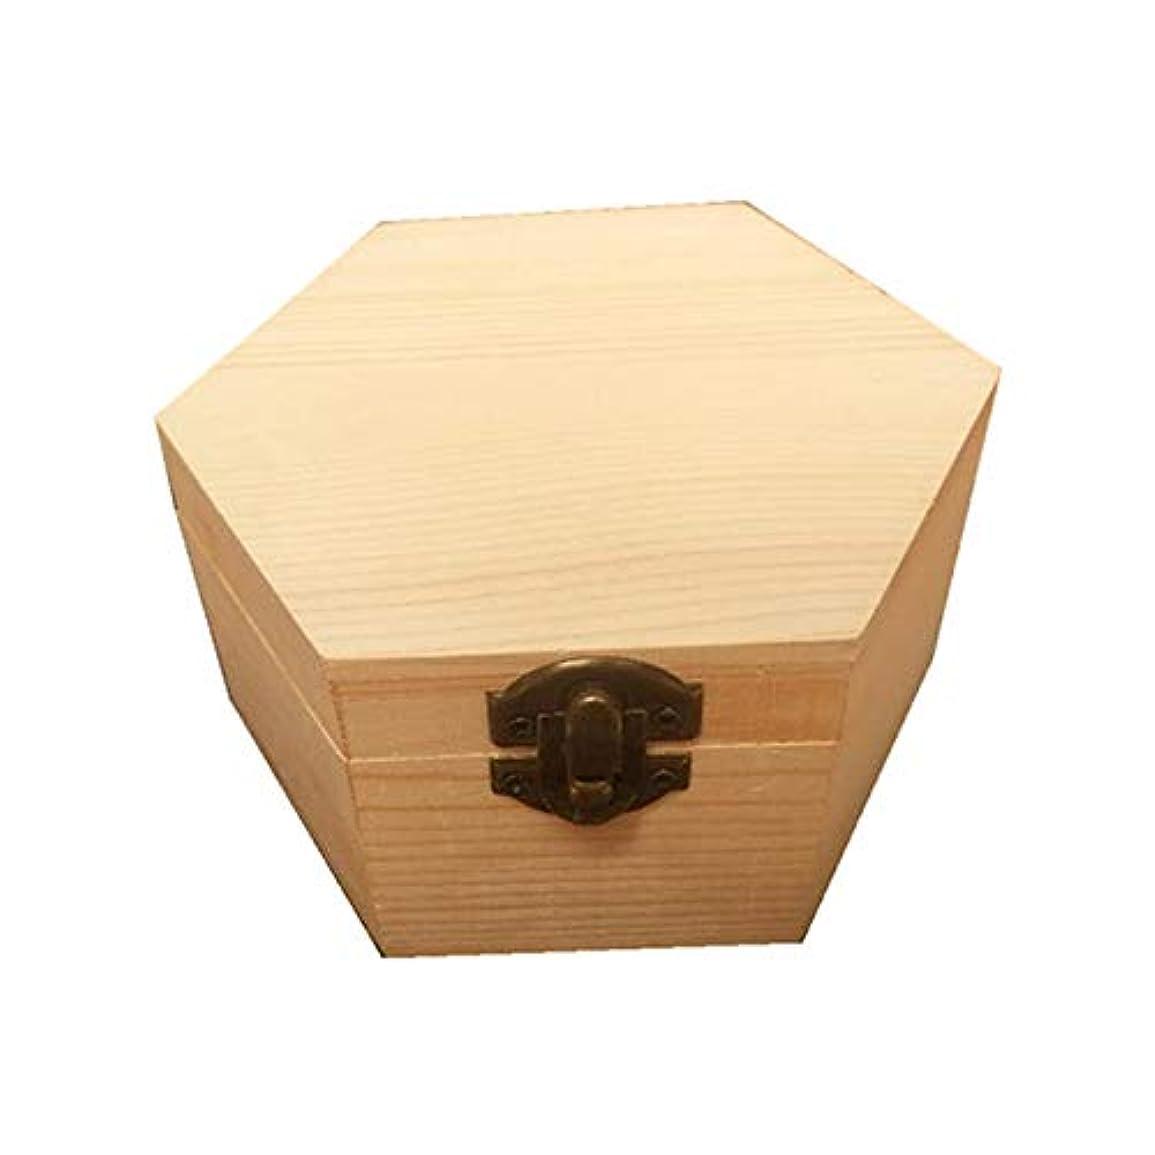 ボウル気性彼女エッセンシャルオイルストレージボックス 手作りの木製ギフトボックスパーフェクトエッセンシャルオイルケースにエッセンシャルオイル 旅行およびプレゼンテーション用 (色 : Natural, サイズ : 13X11.3X6.8CM)